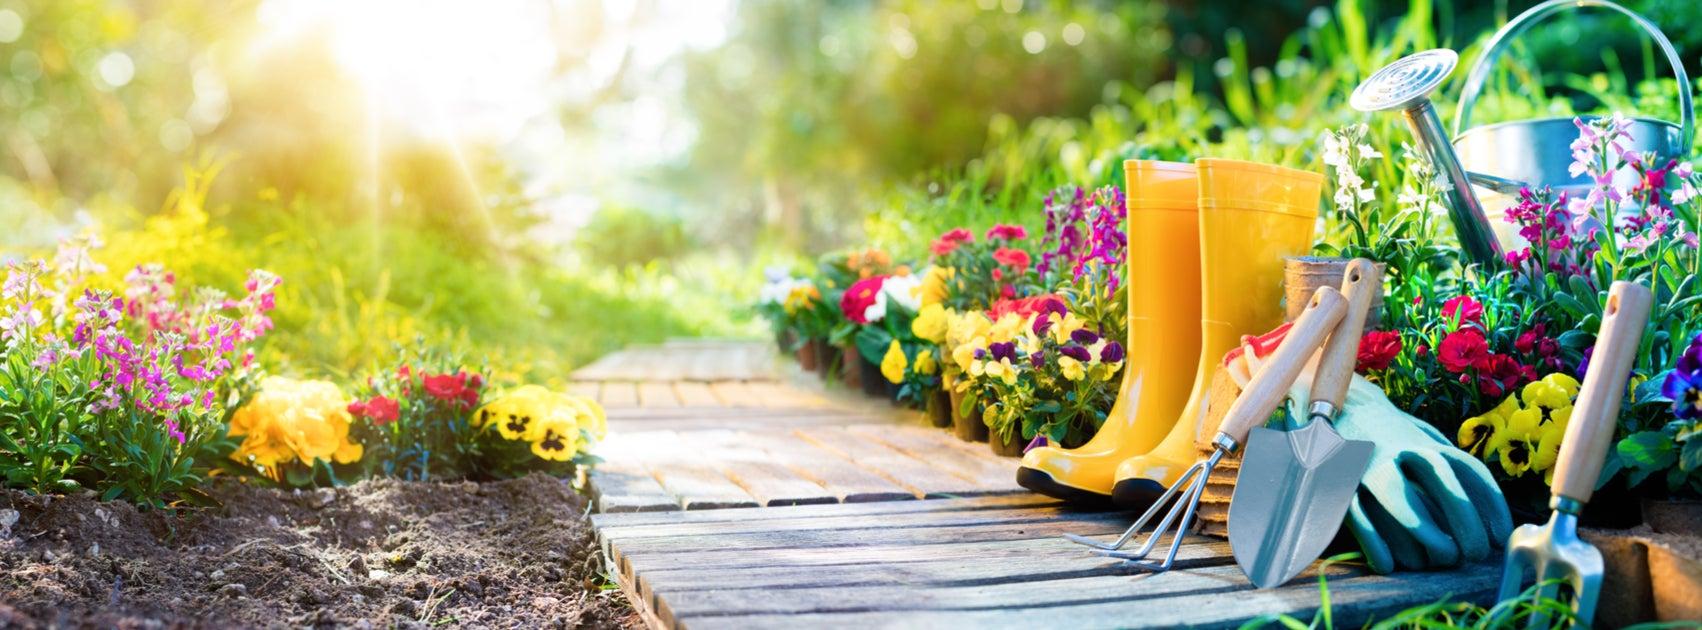 ¿Cómo diseñar tu jardín?